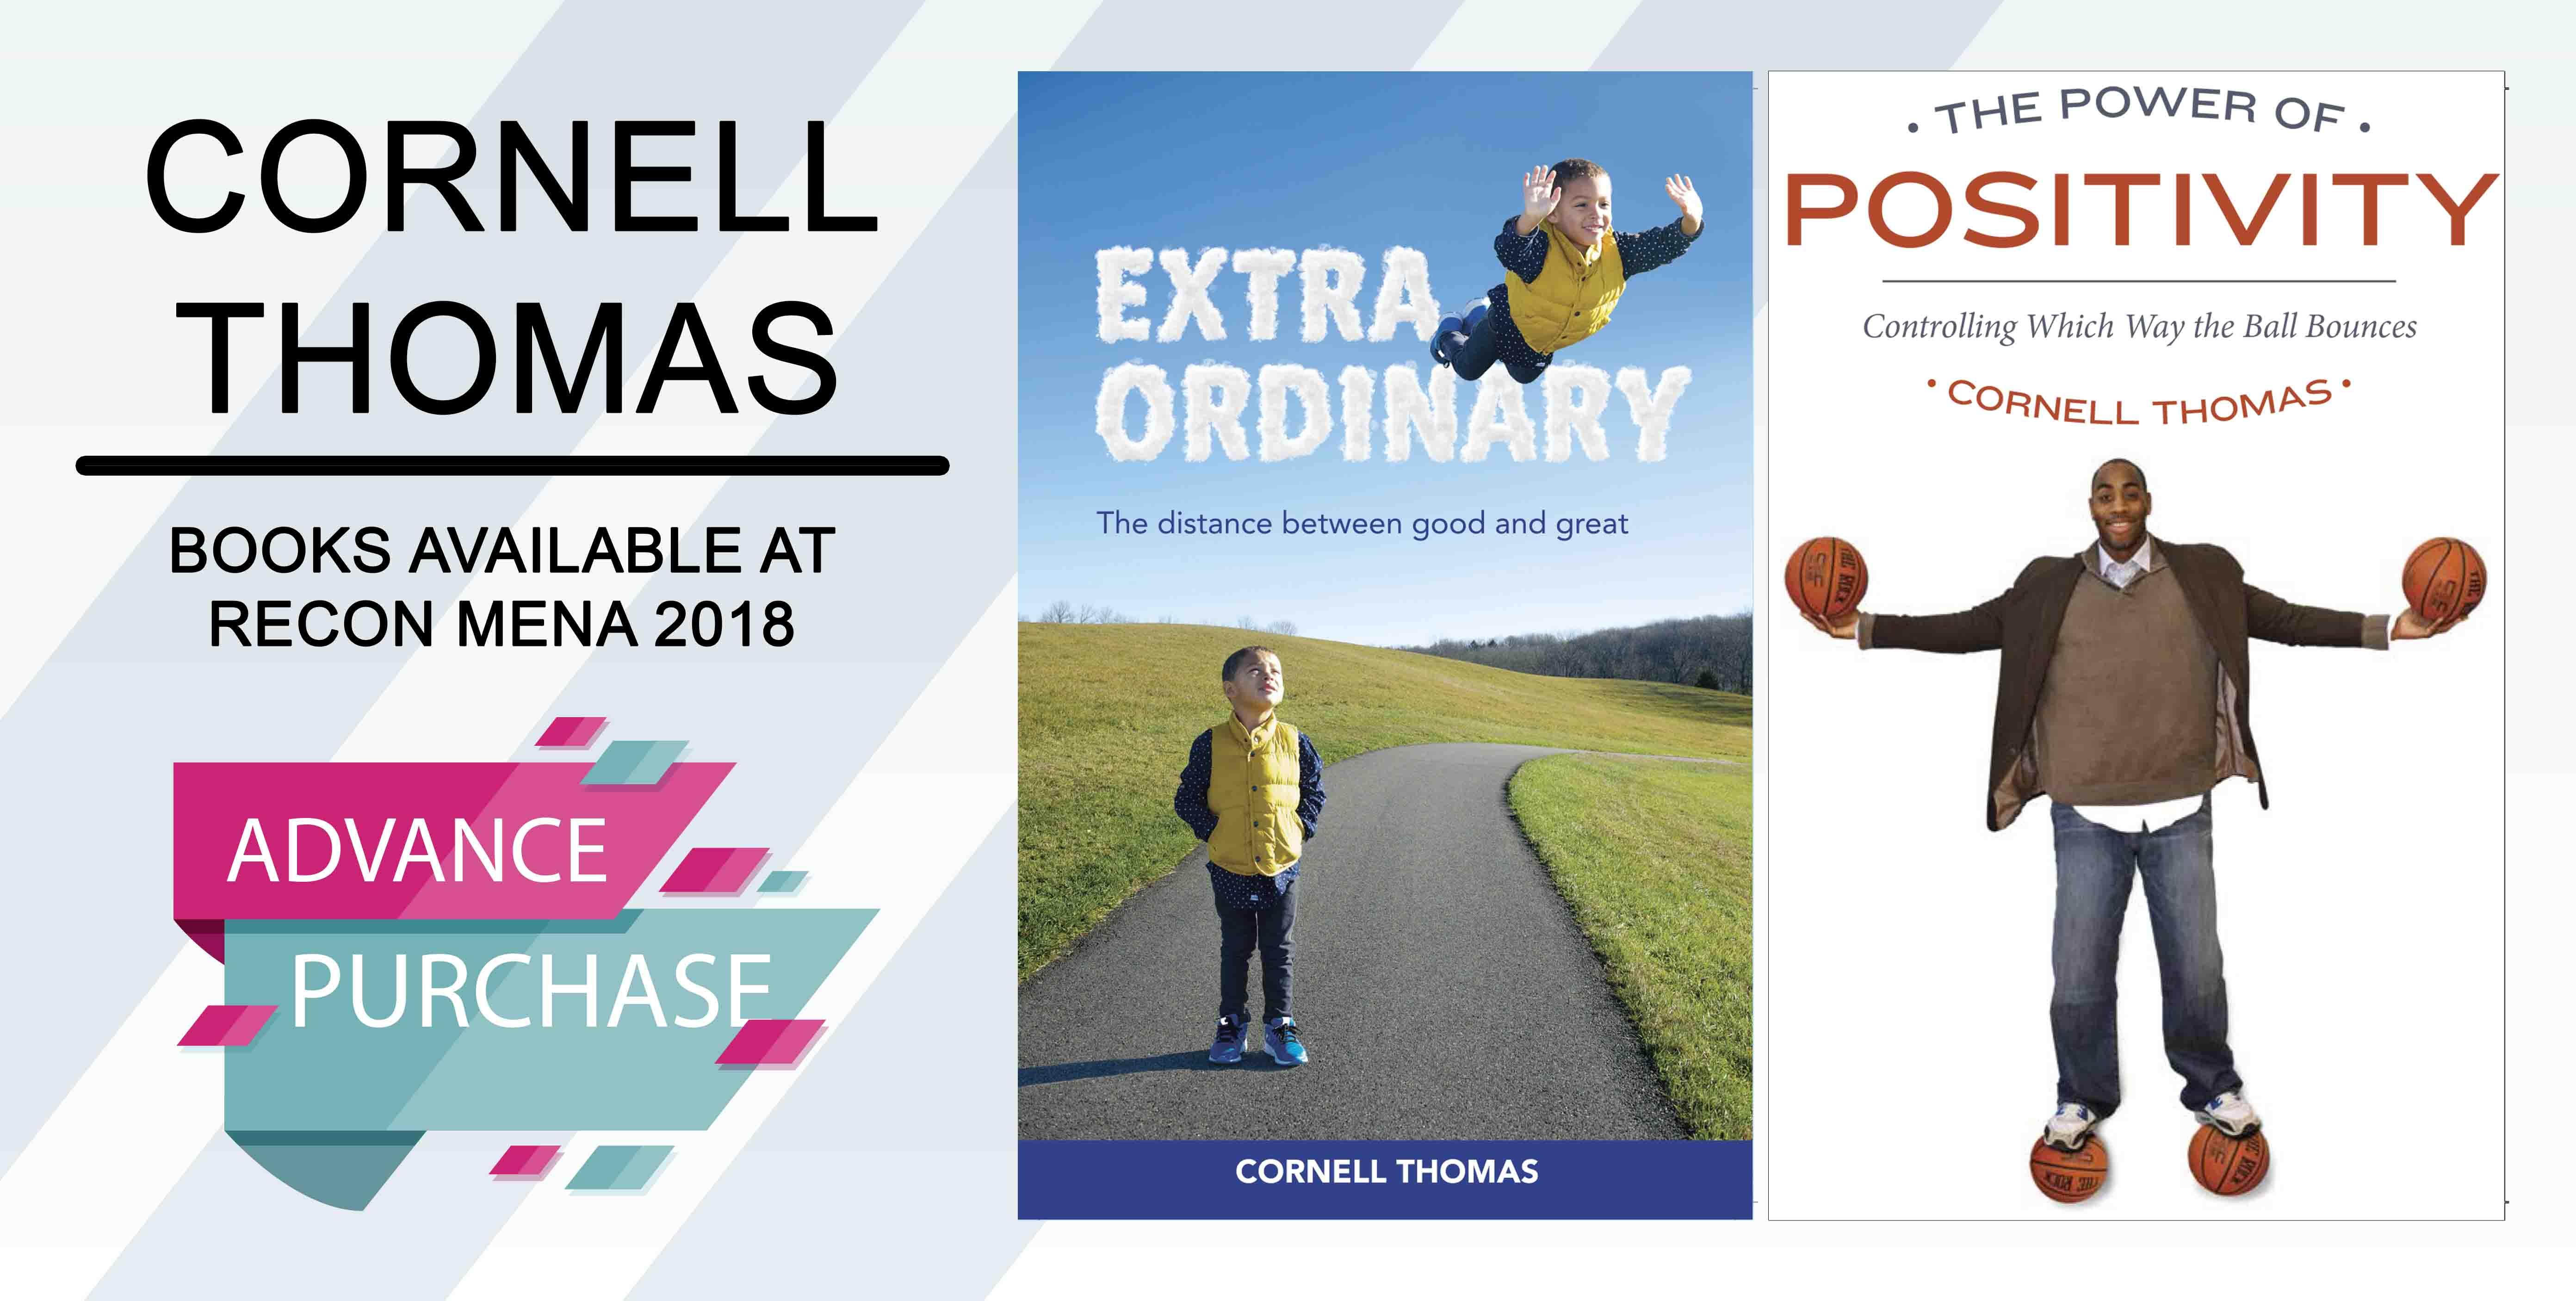 Cornell_Books